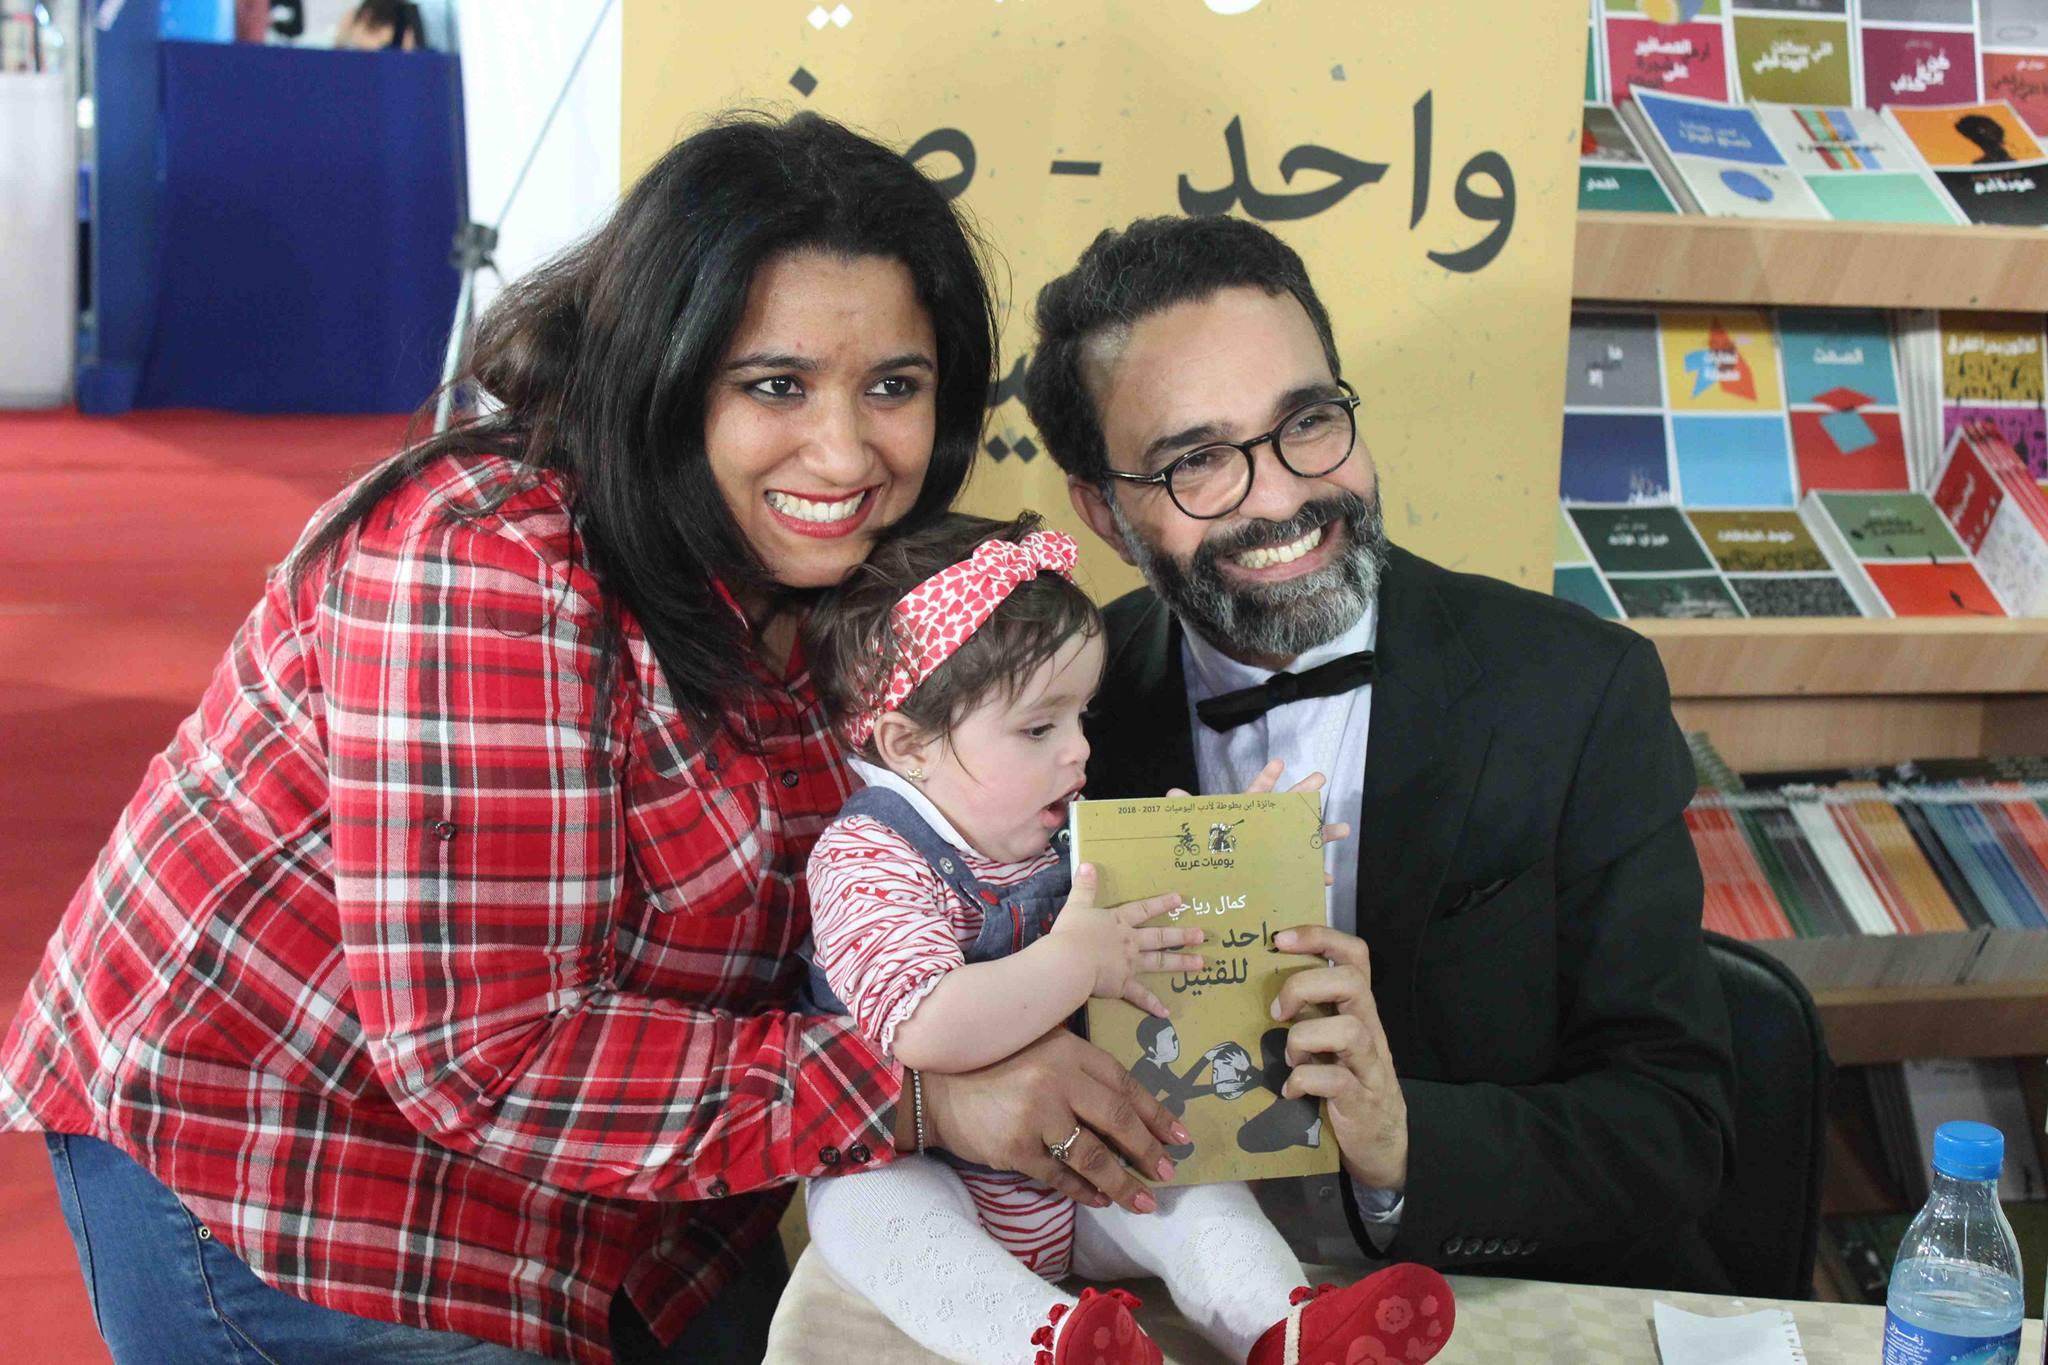 كمال الرياحى يوقع كتابه واحد صفر للقتيل الفائز بجائزة ابن بطوطة فى معرض تونس (31)